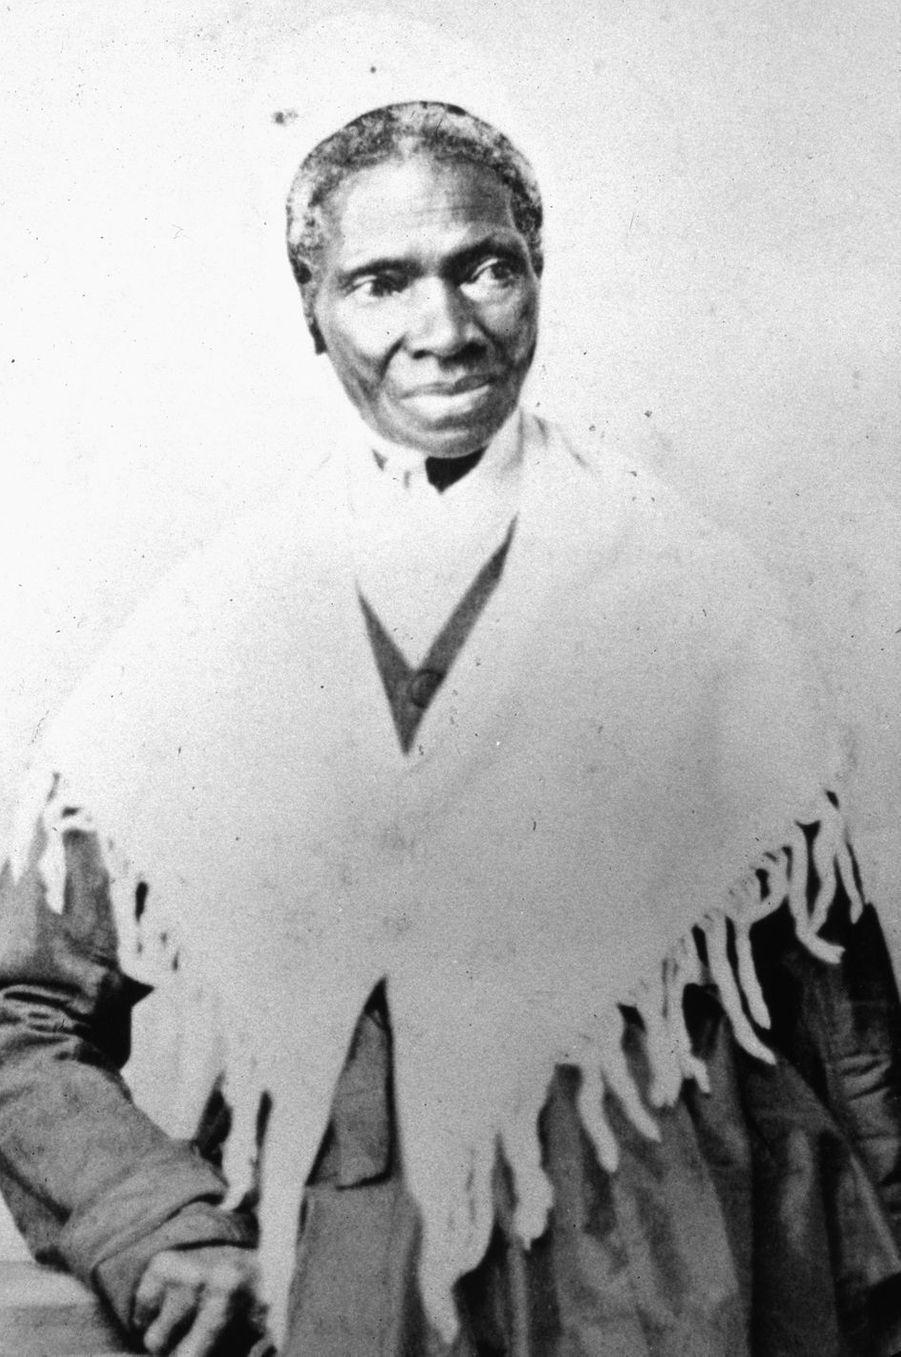 Oratrice déterminée dans la lutte des Afro-Américains pour l'abolition de l'esclavage, Sojourner Truth (1797-1883) était également une fervente protectrice des droits des femmes.